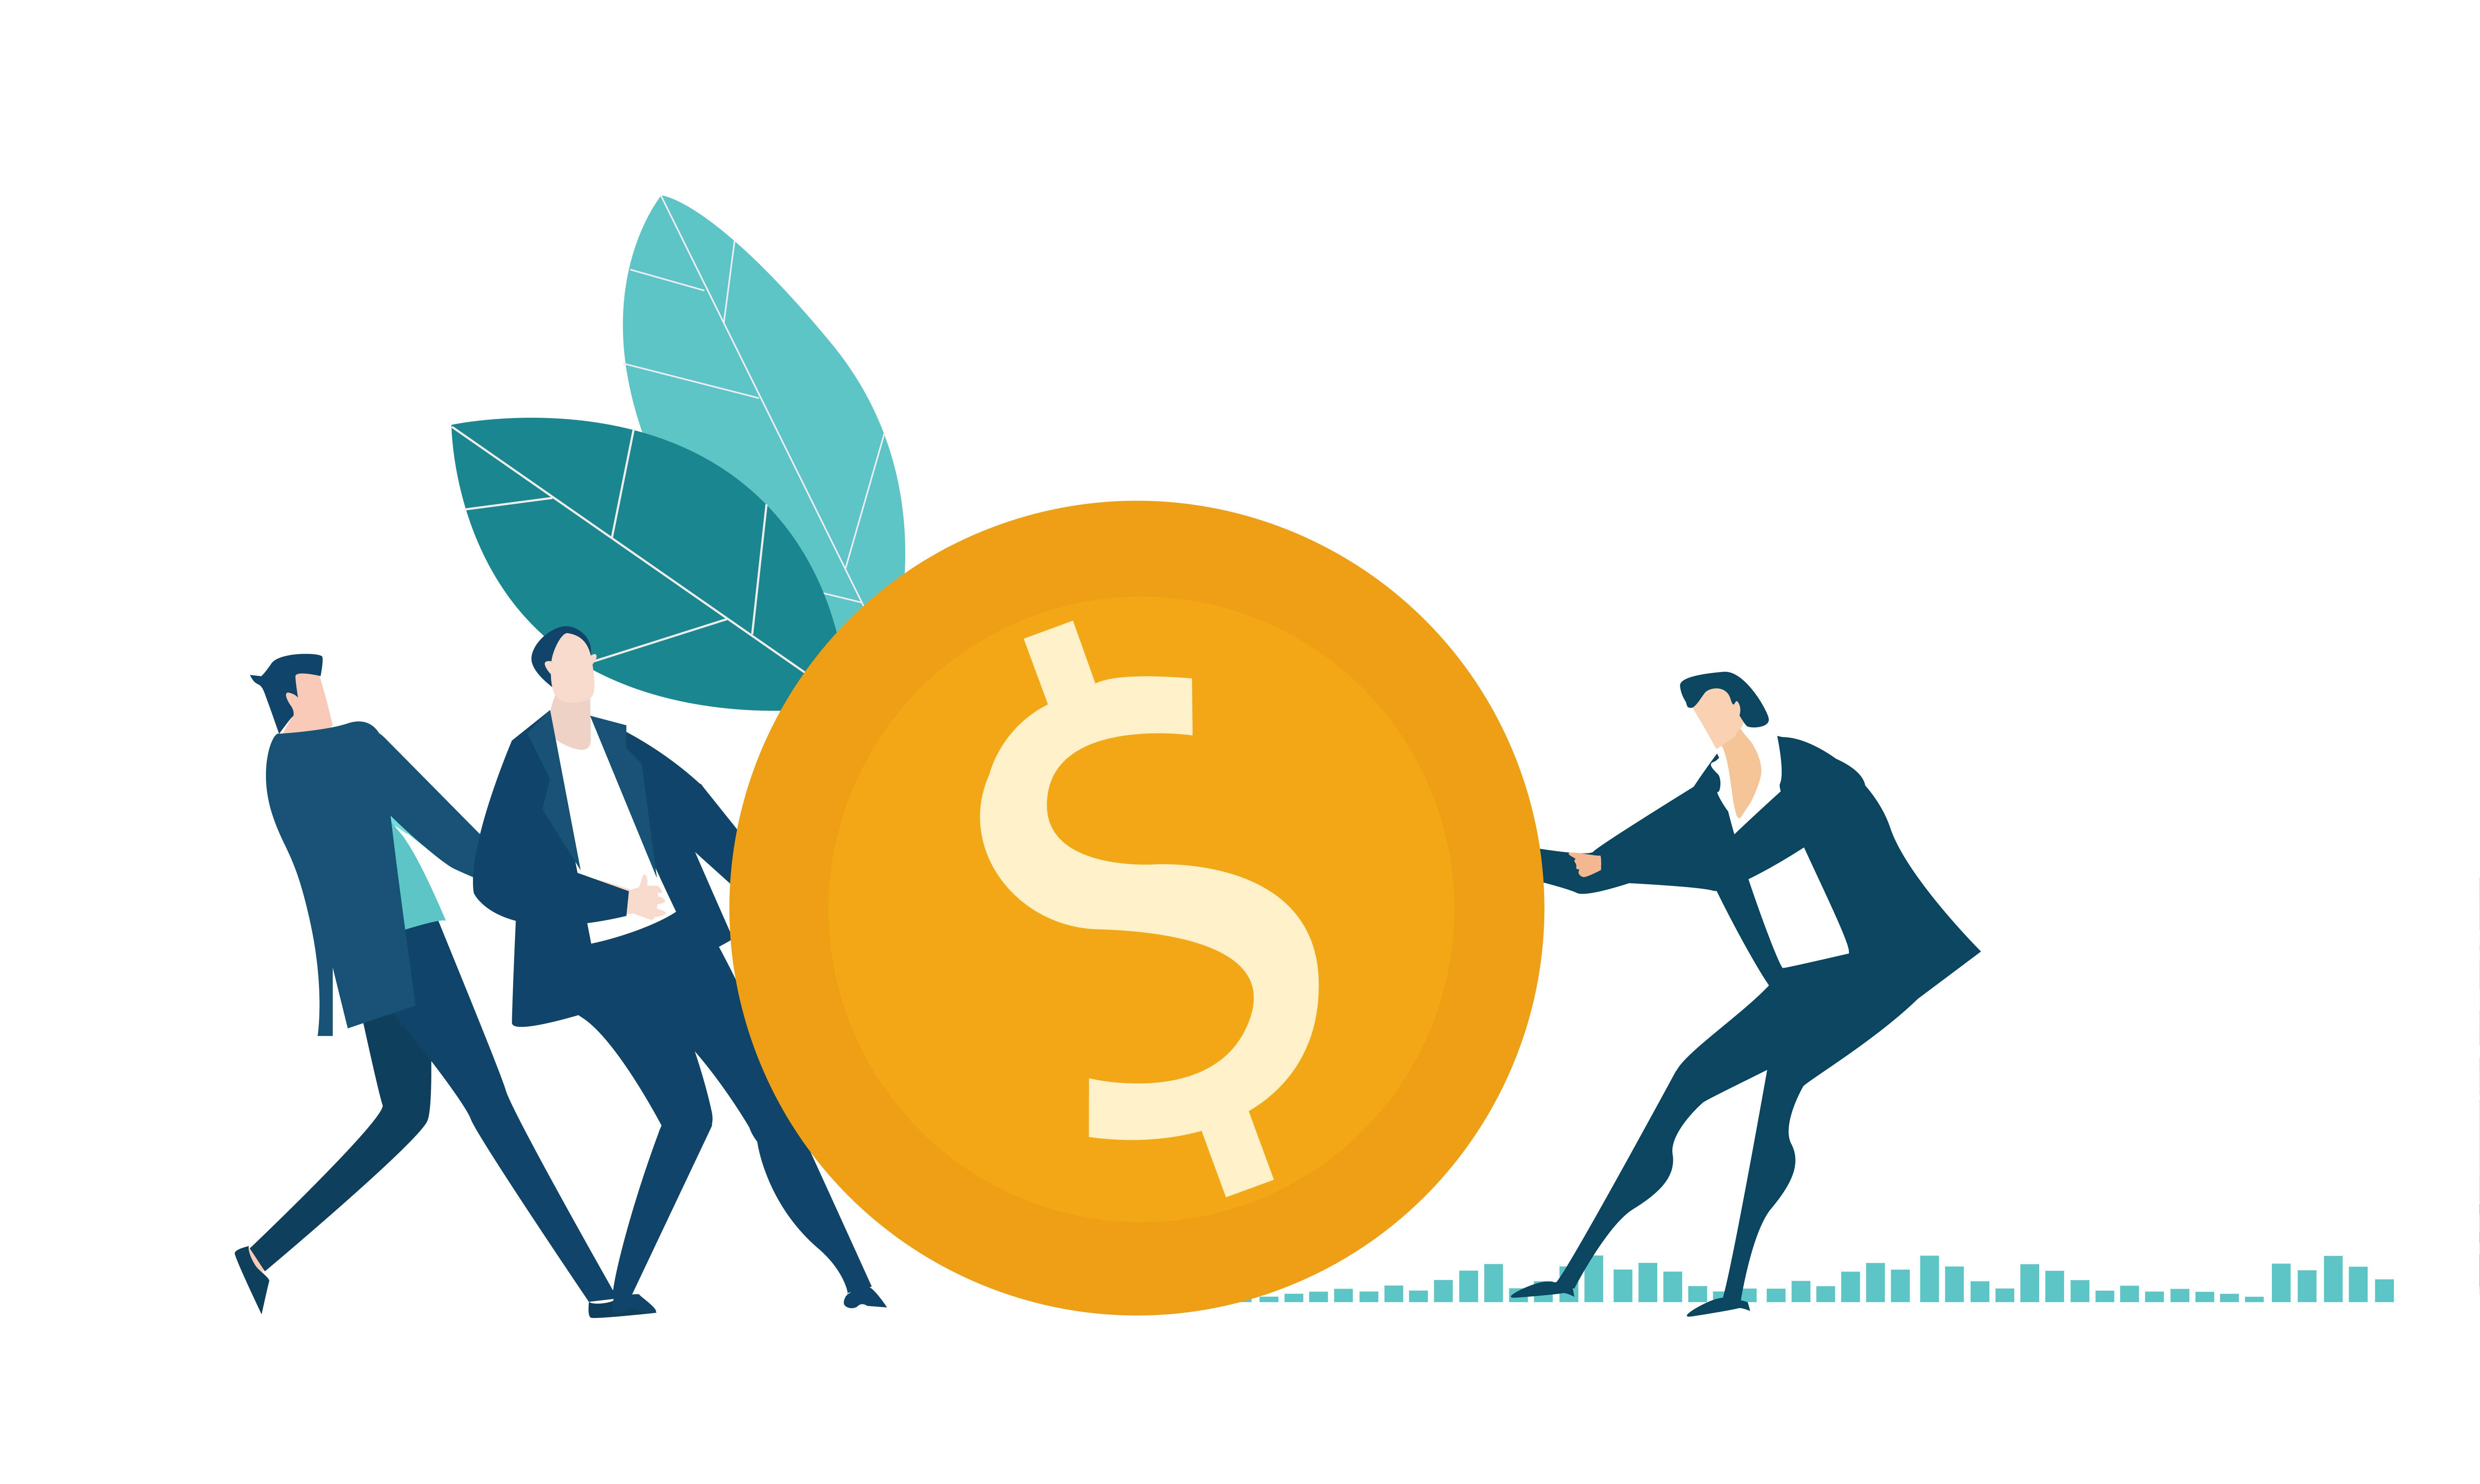 预见2021|支付业马太效应凸显:头部谋上市,中小求生存